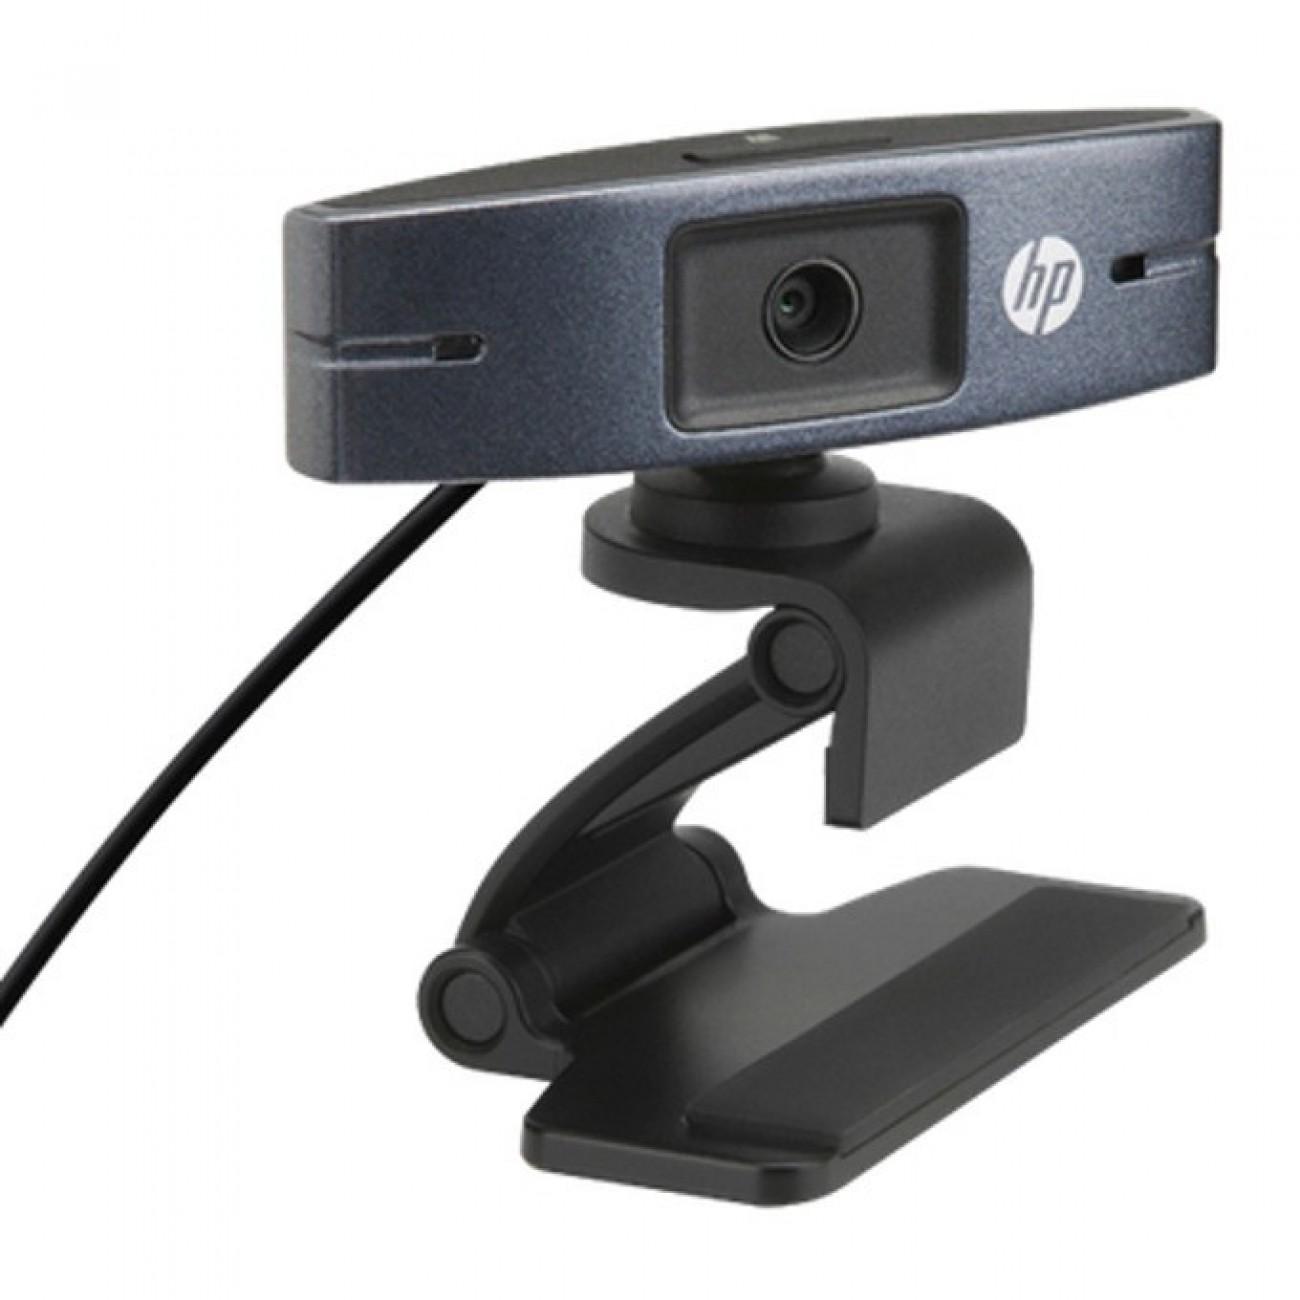 Уеб камера HP HD 2300, микрофон, HD 720p (1280 x 720), USB 2.0 high-speed в Уеб камери -  | Alleop